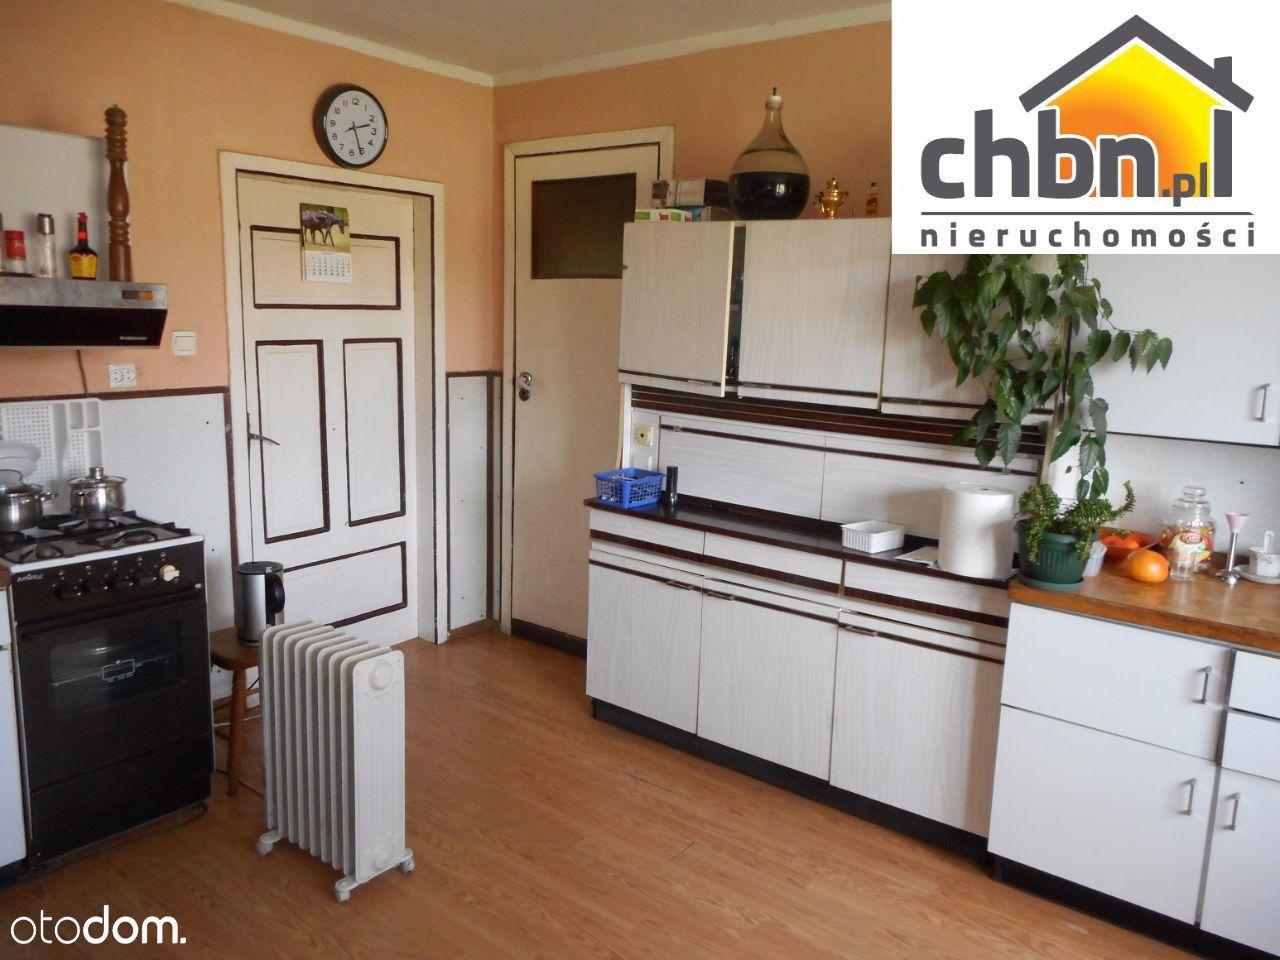 Dom na sprzedaż, Czarnoszyce, człuchowski, pomorskie - Foto 3